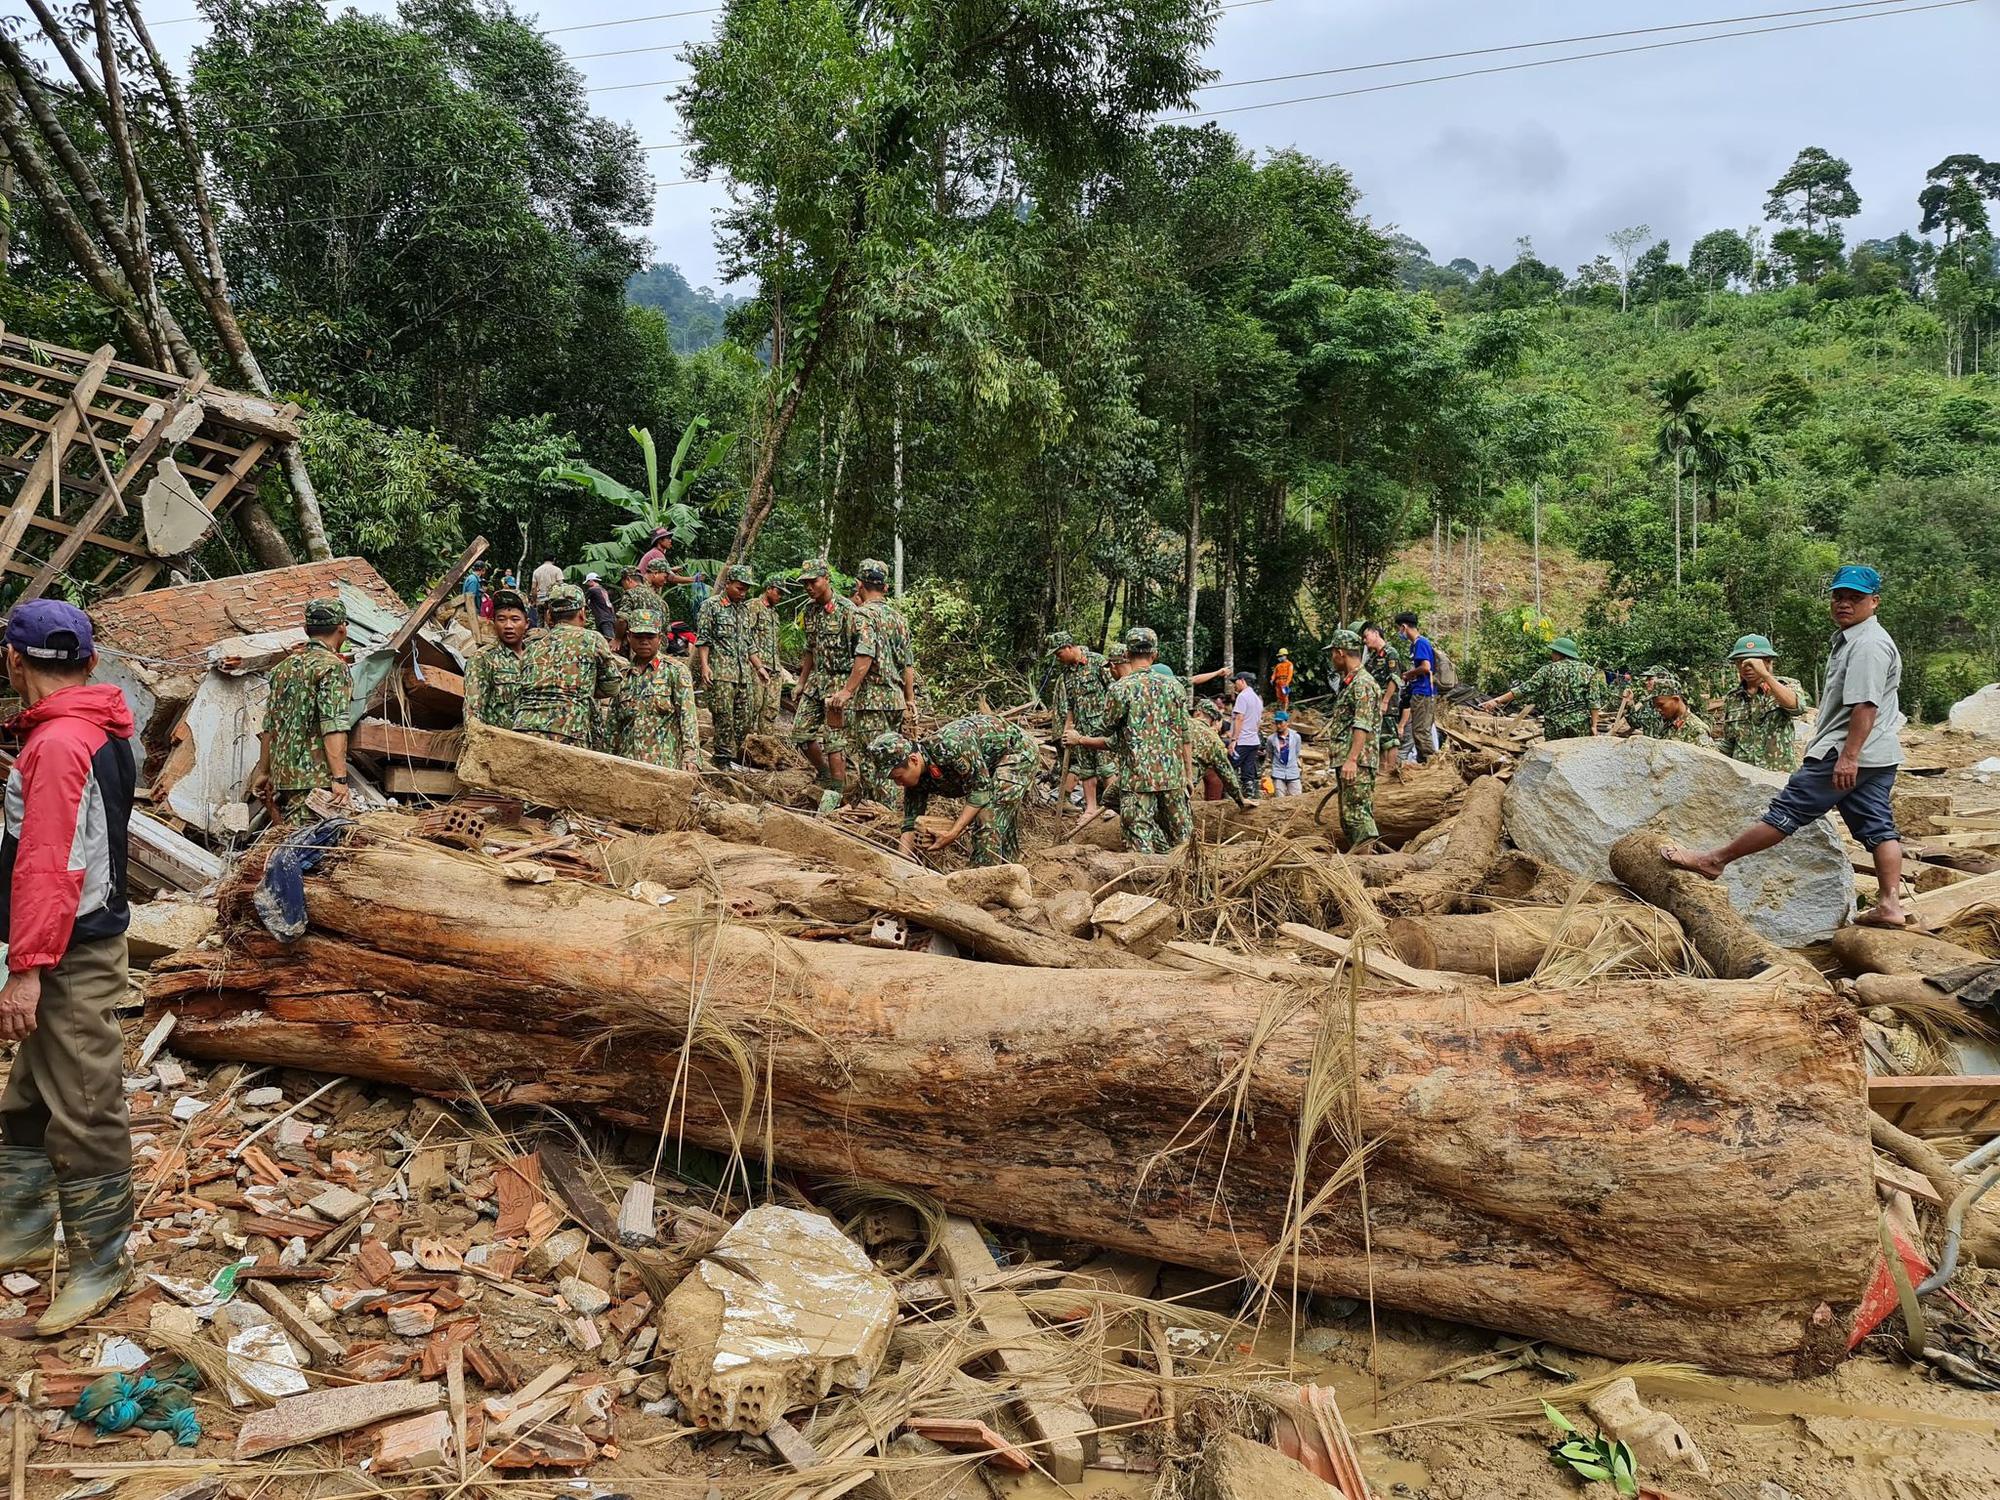 Sau vụ sạt lở ở Trà Leng, huyện Nam Trà My dừng phiên chợ sâm để đảm bảo an toàn cho dân - Ảnh 2.